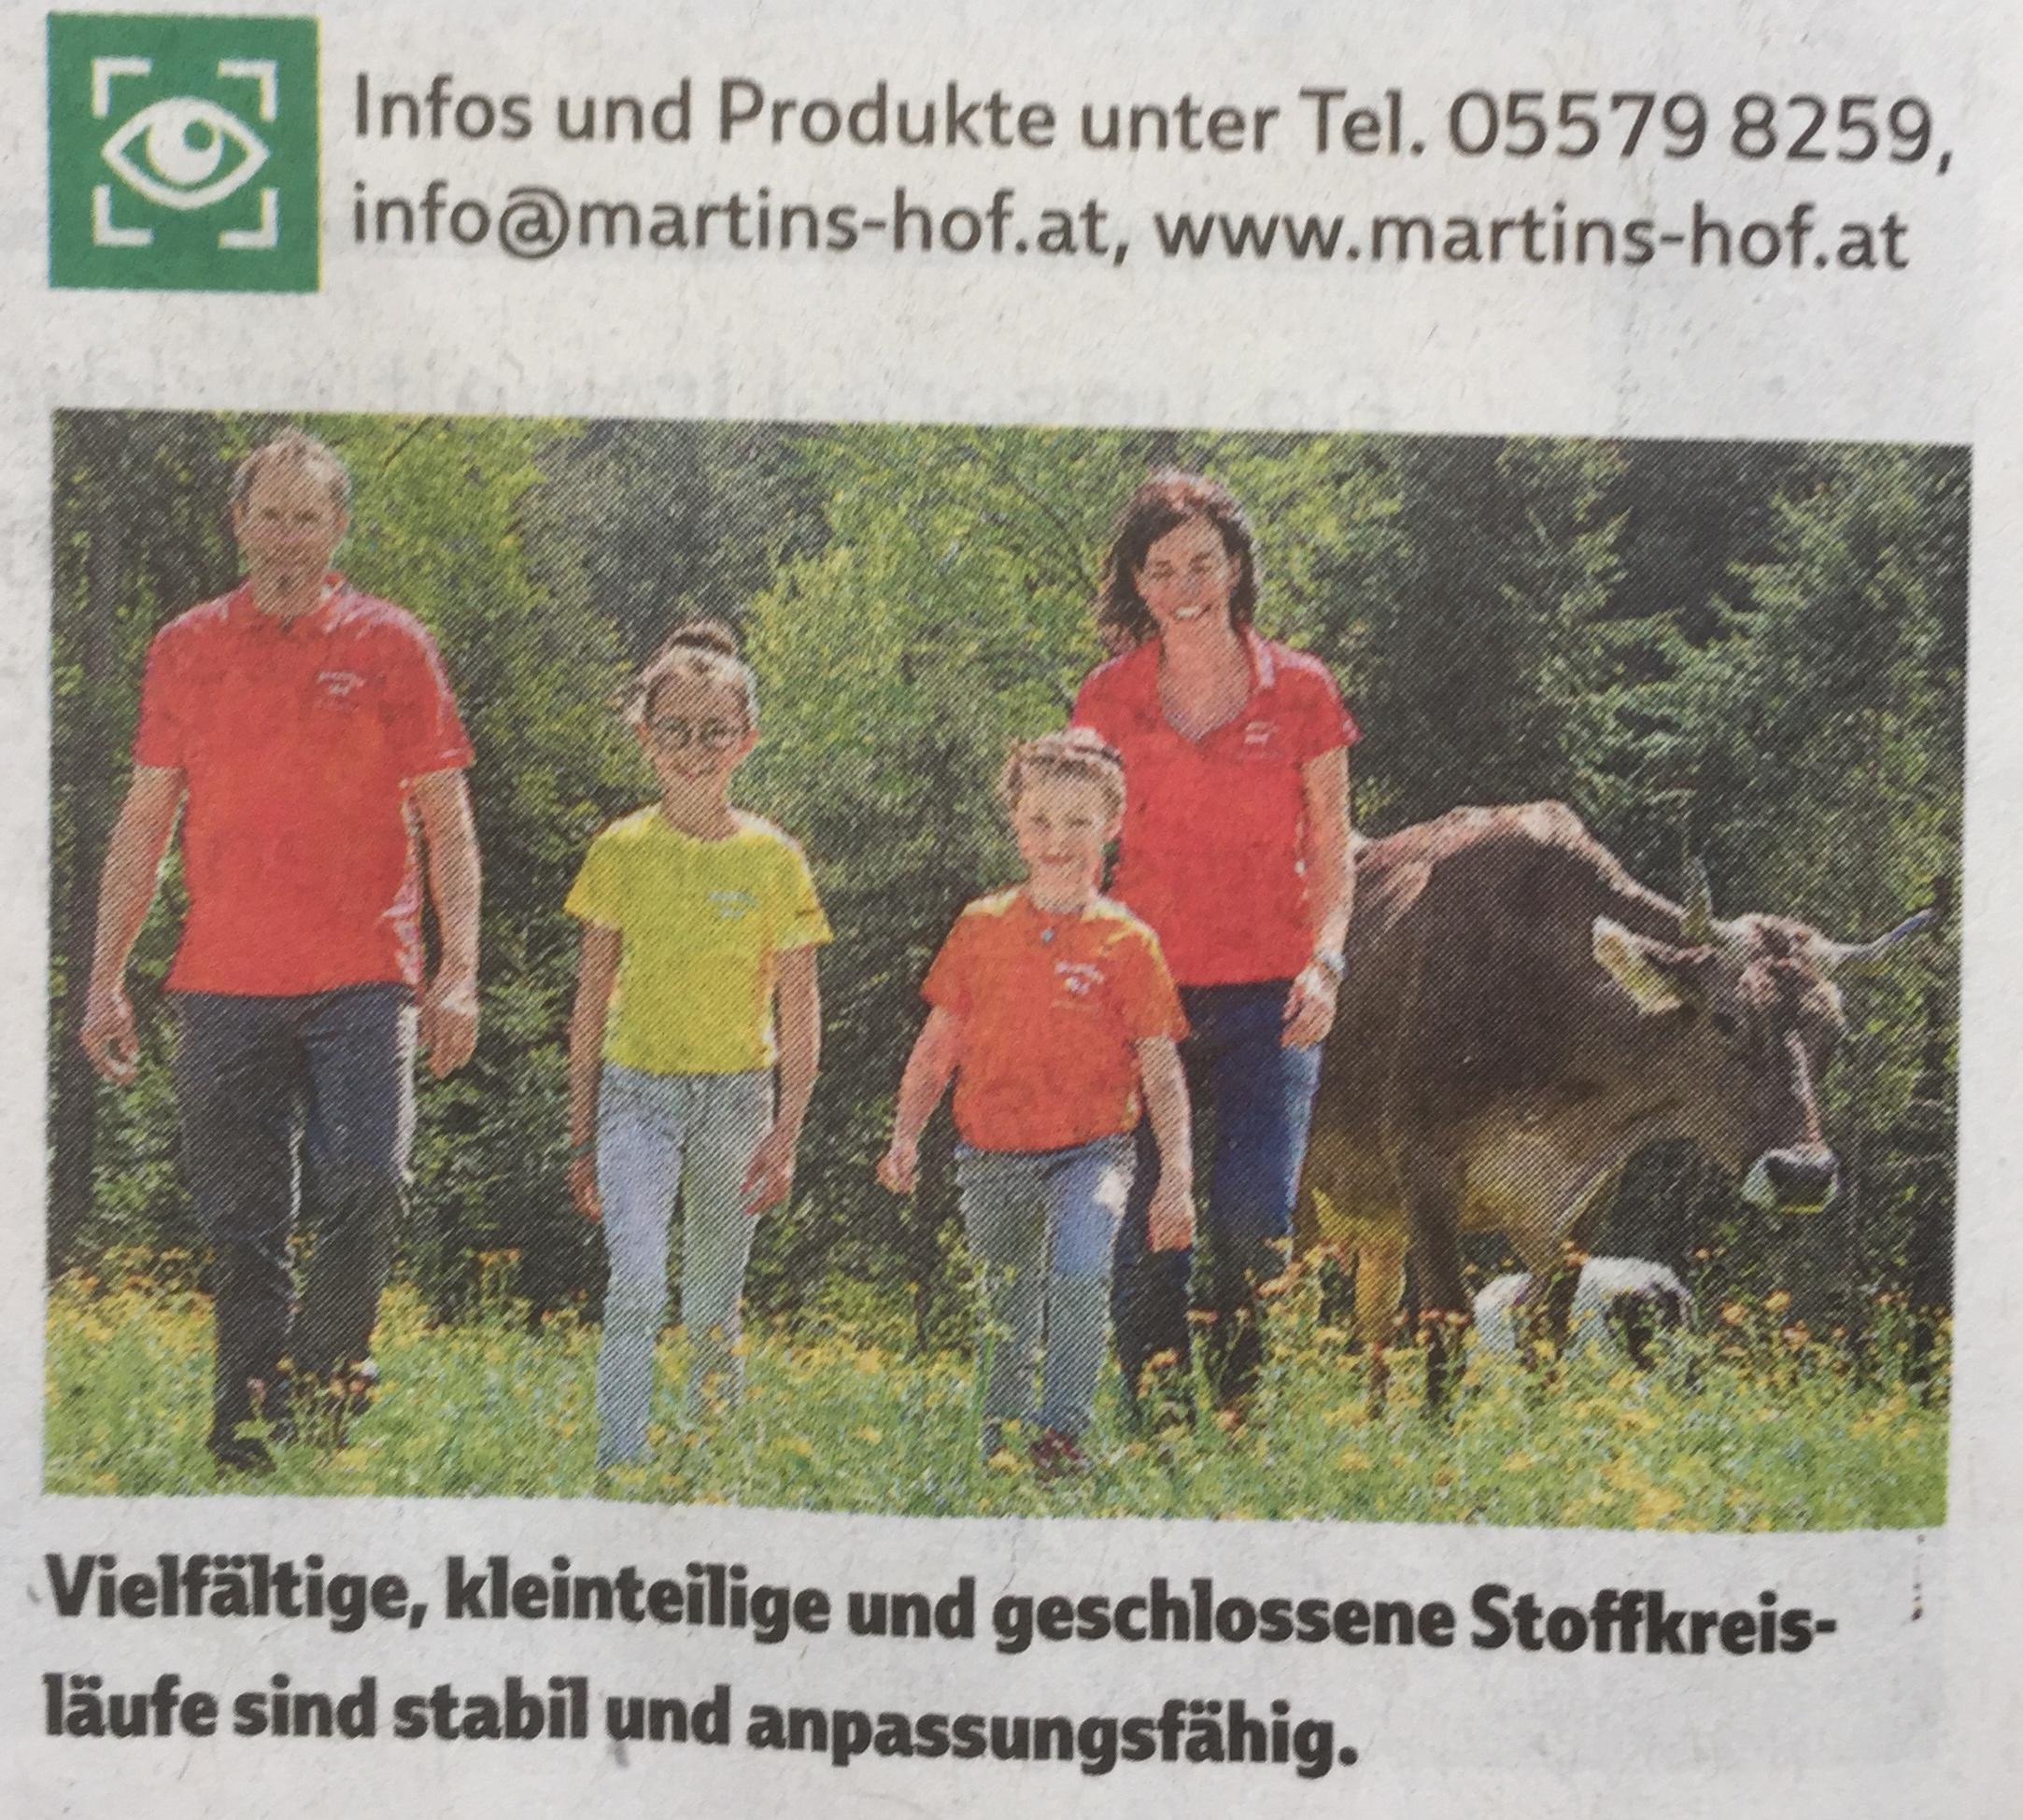 Familie Martin Buch/Vorarlberg www.martins-hof.at, Verena Daum www.progression.at